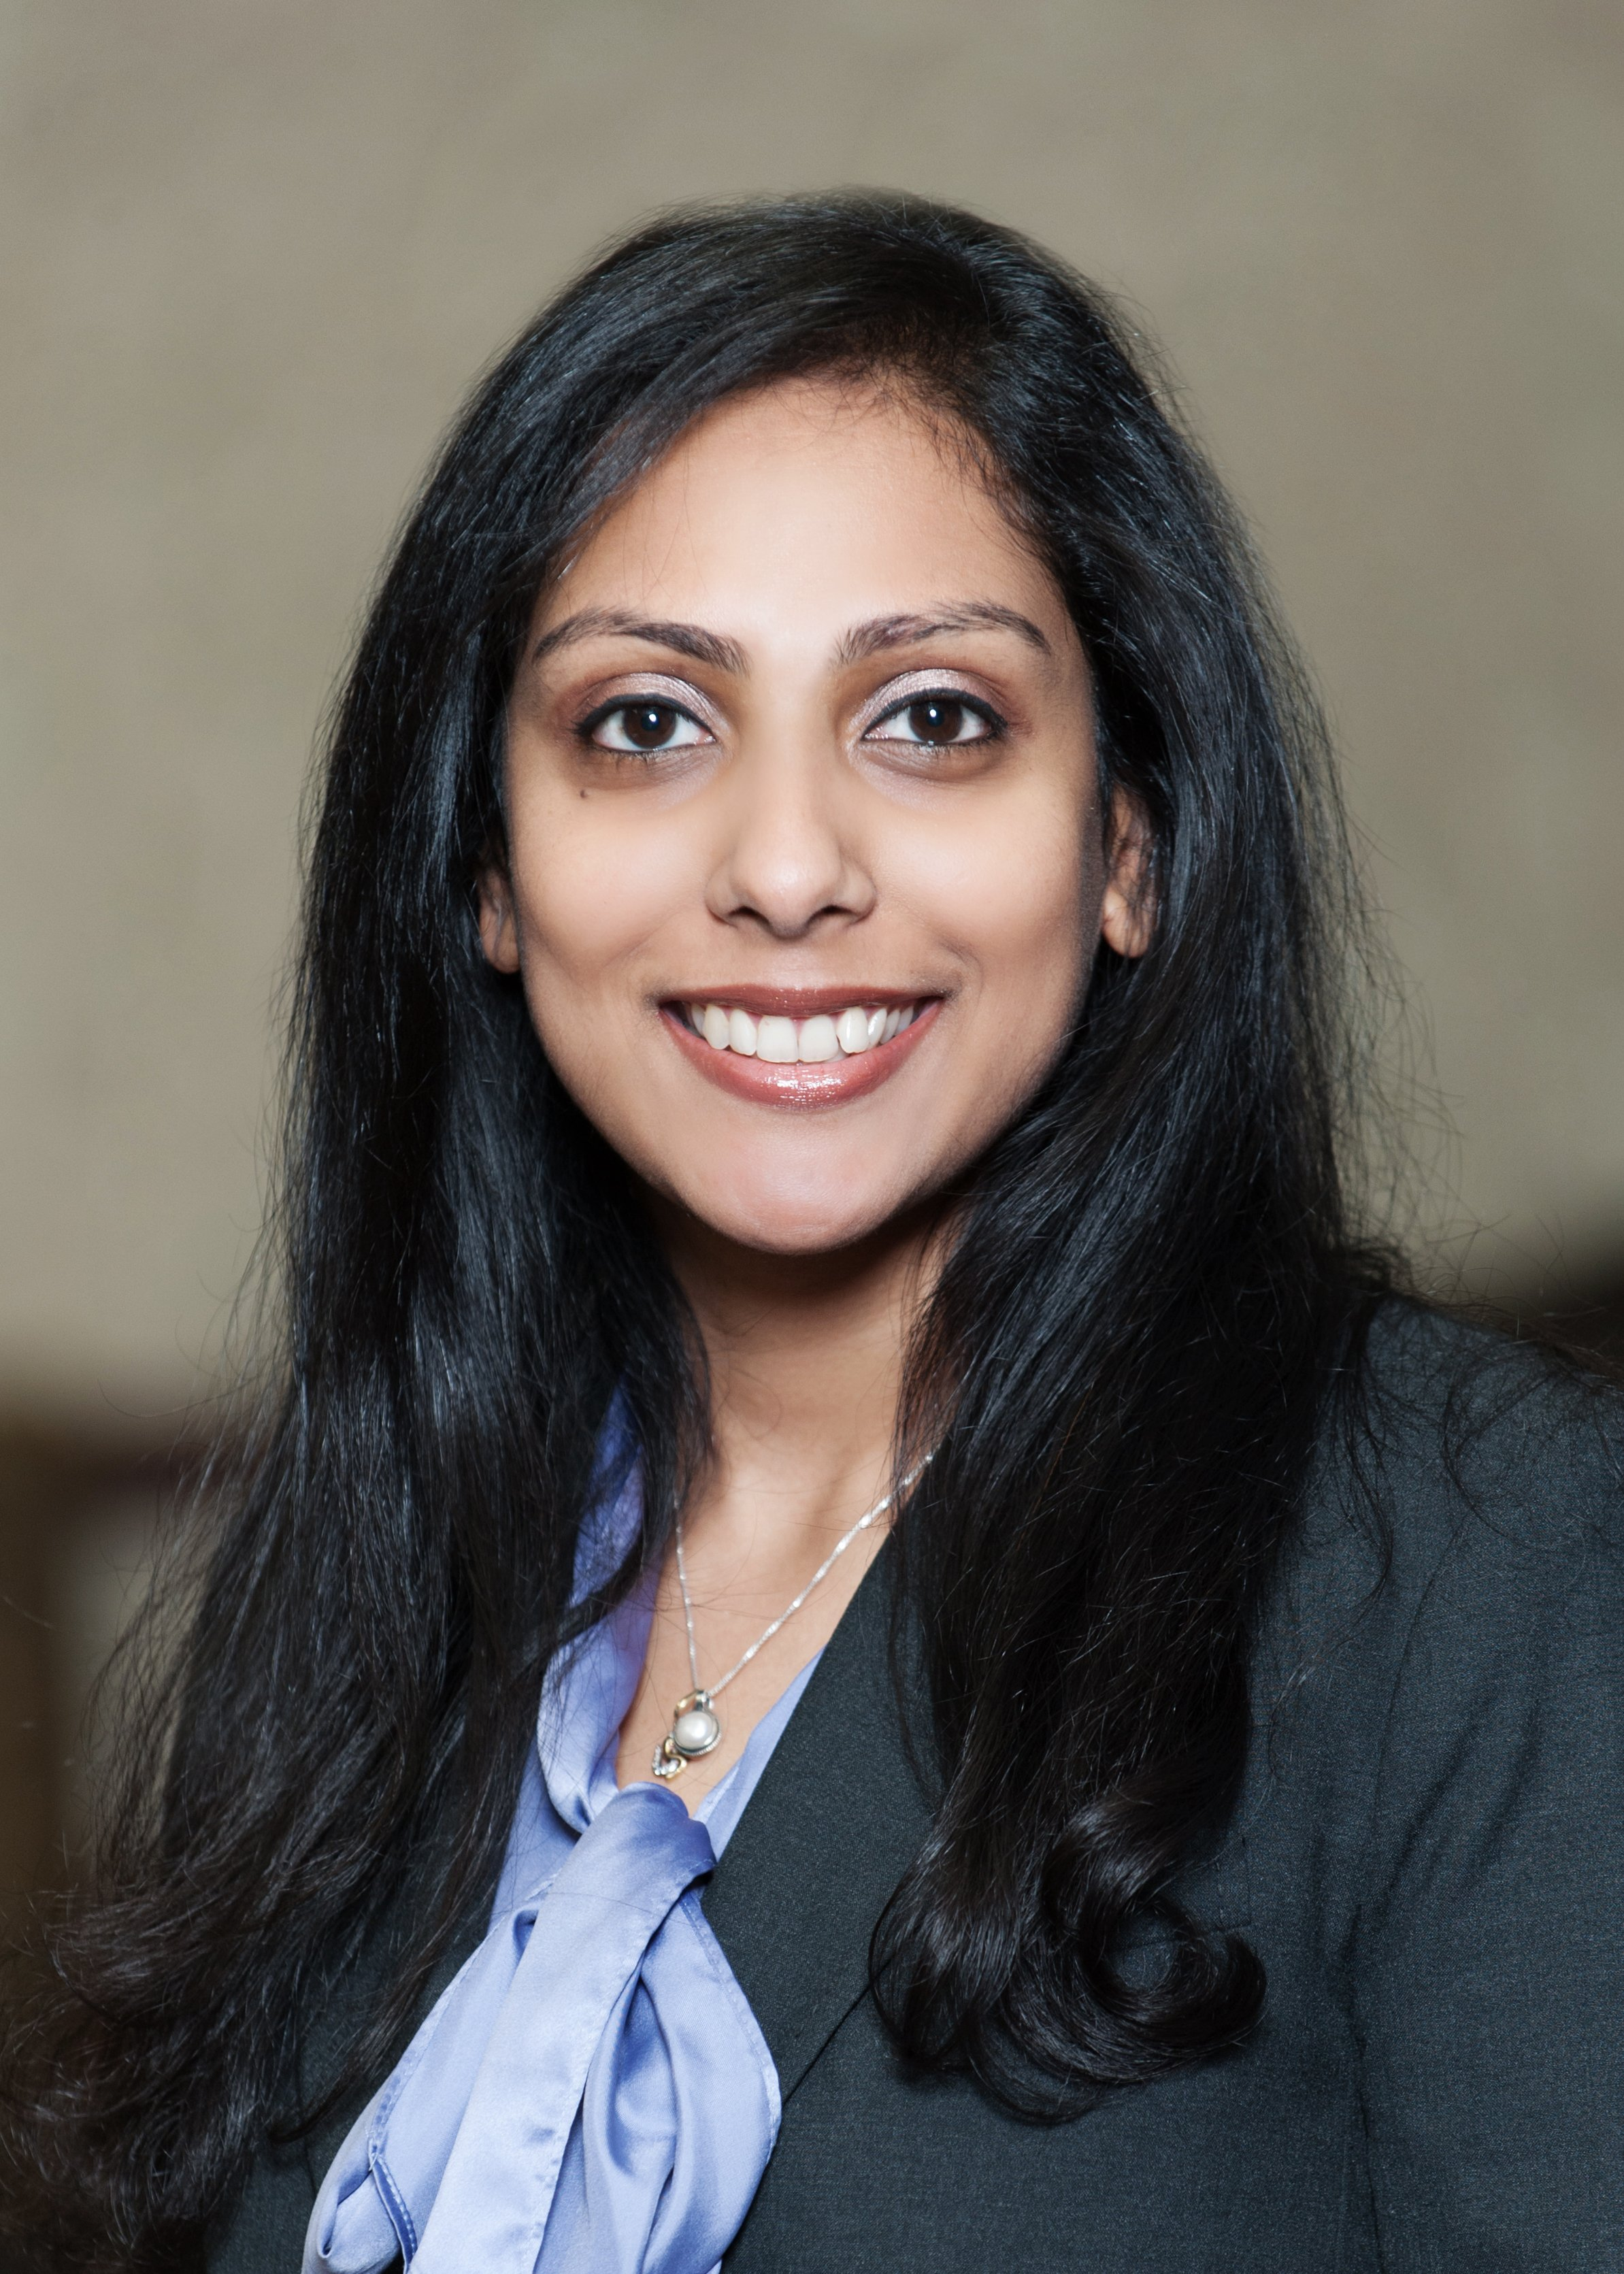 Niyati Patel-Greensboro, NC